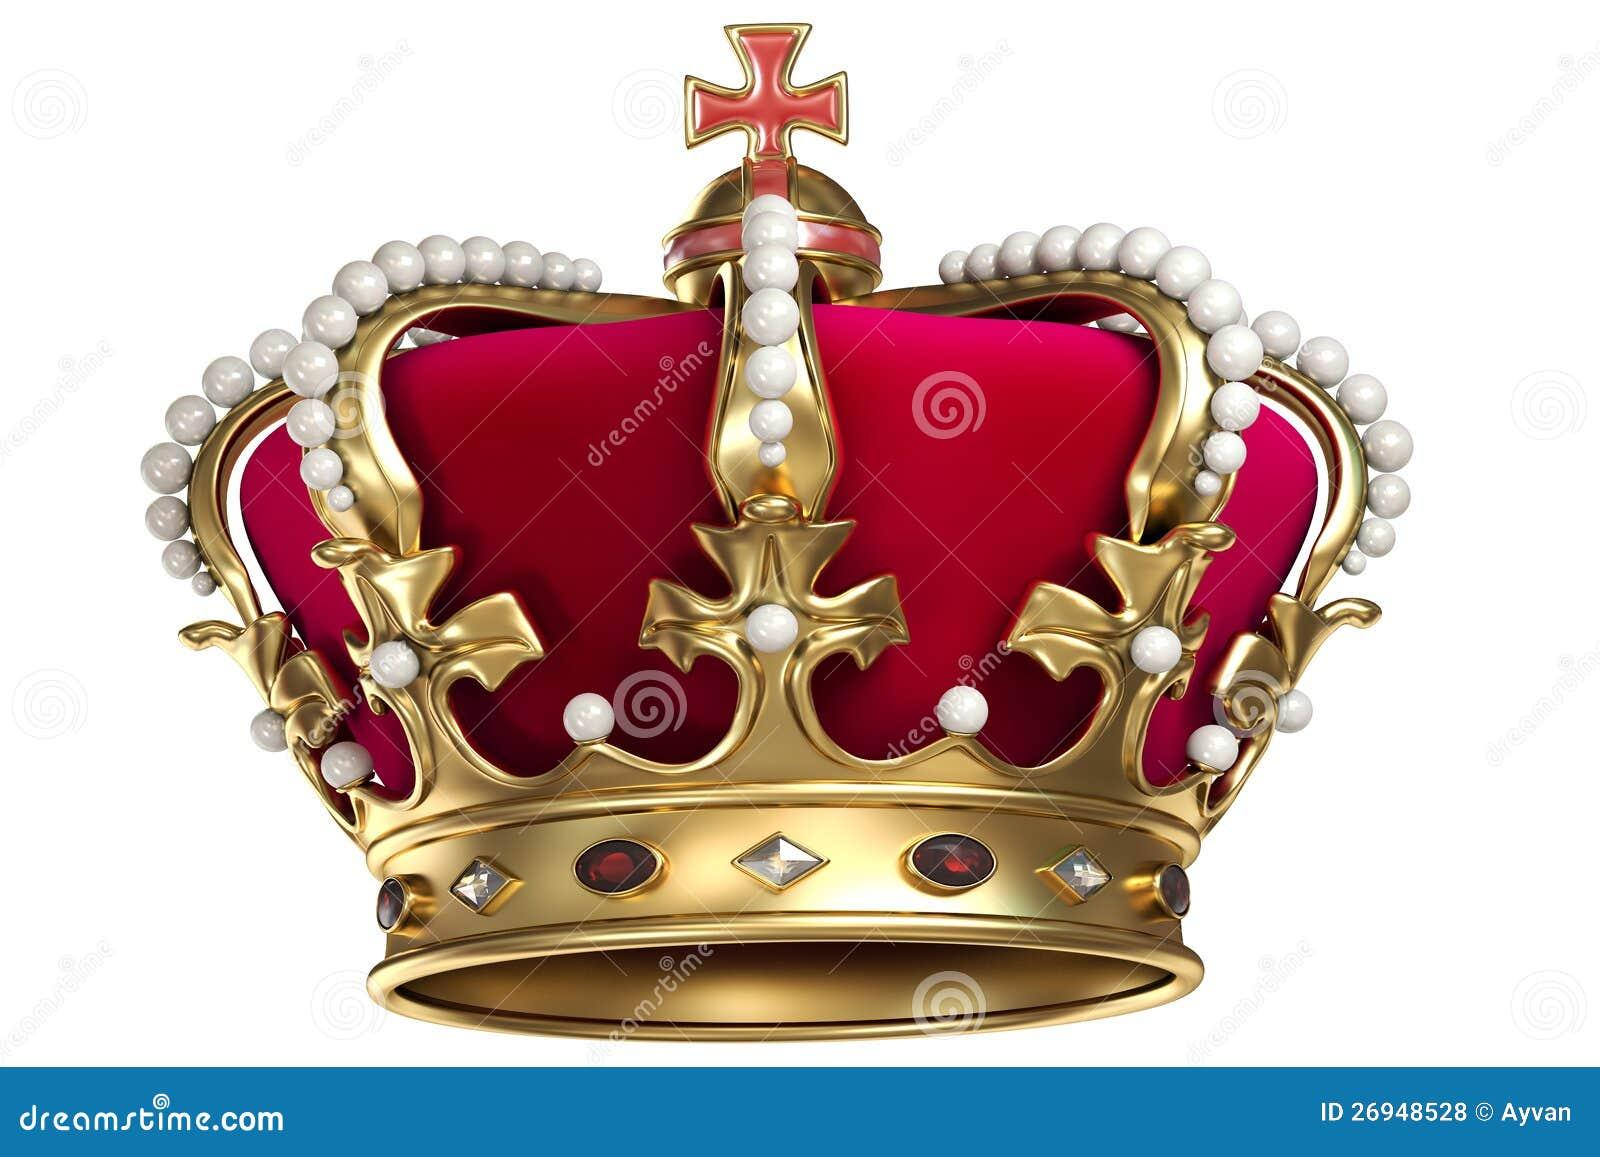 Z klejnotami złocista korona